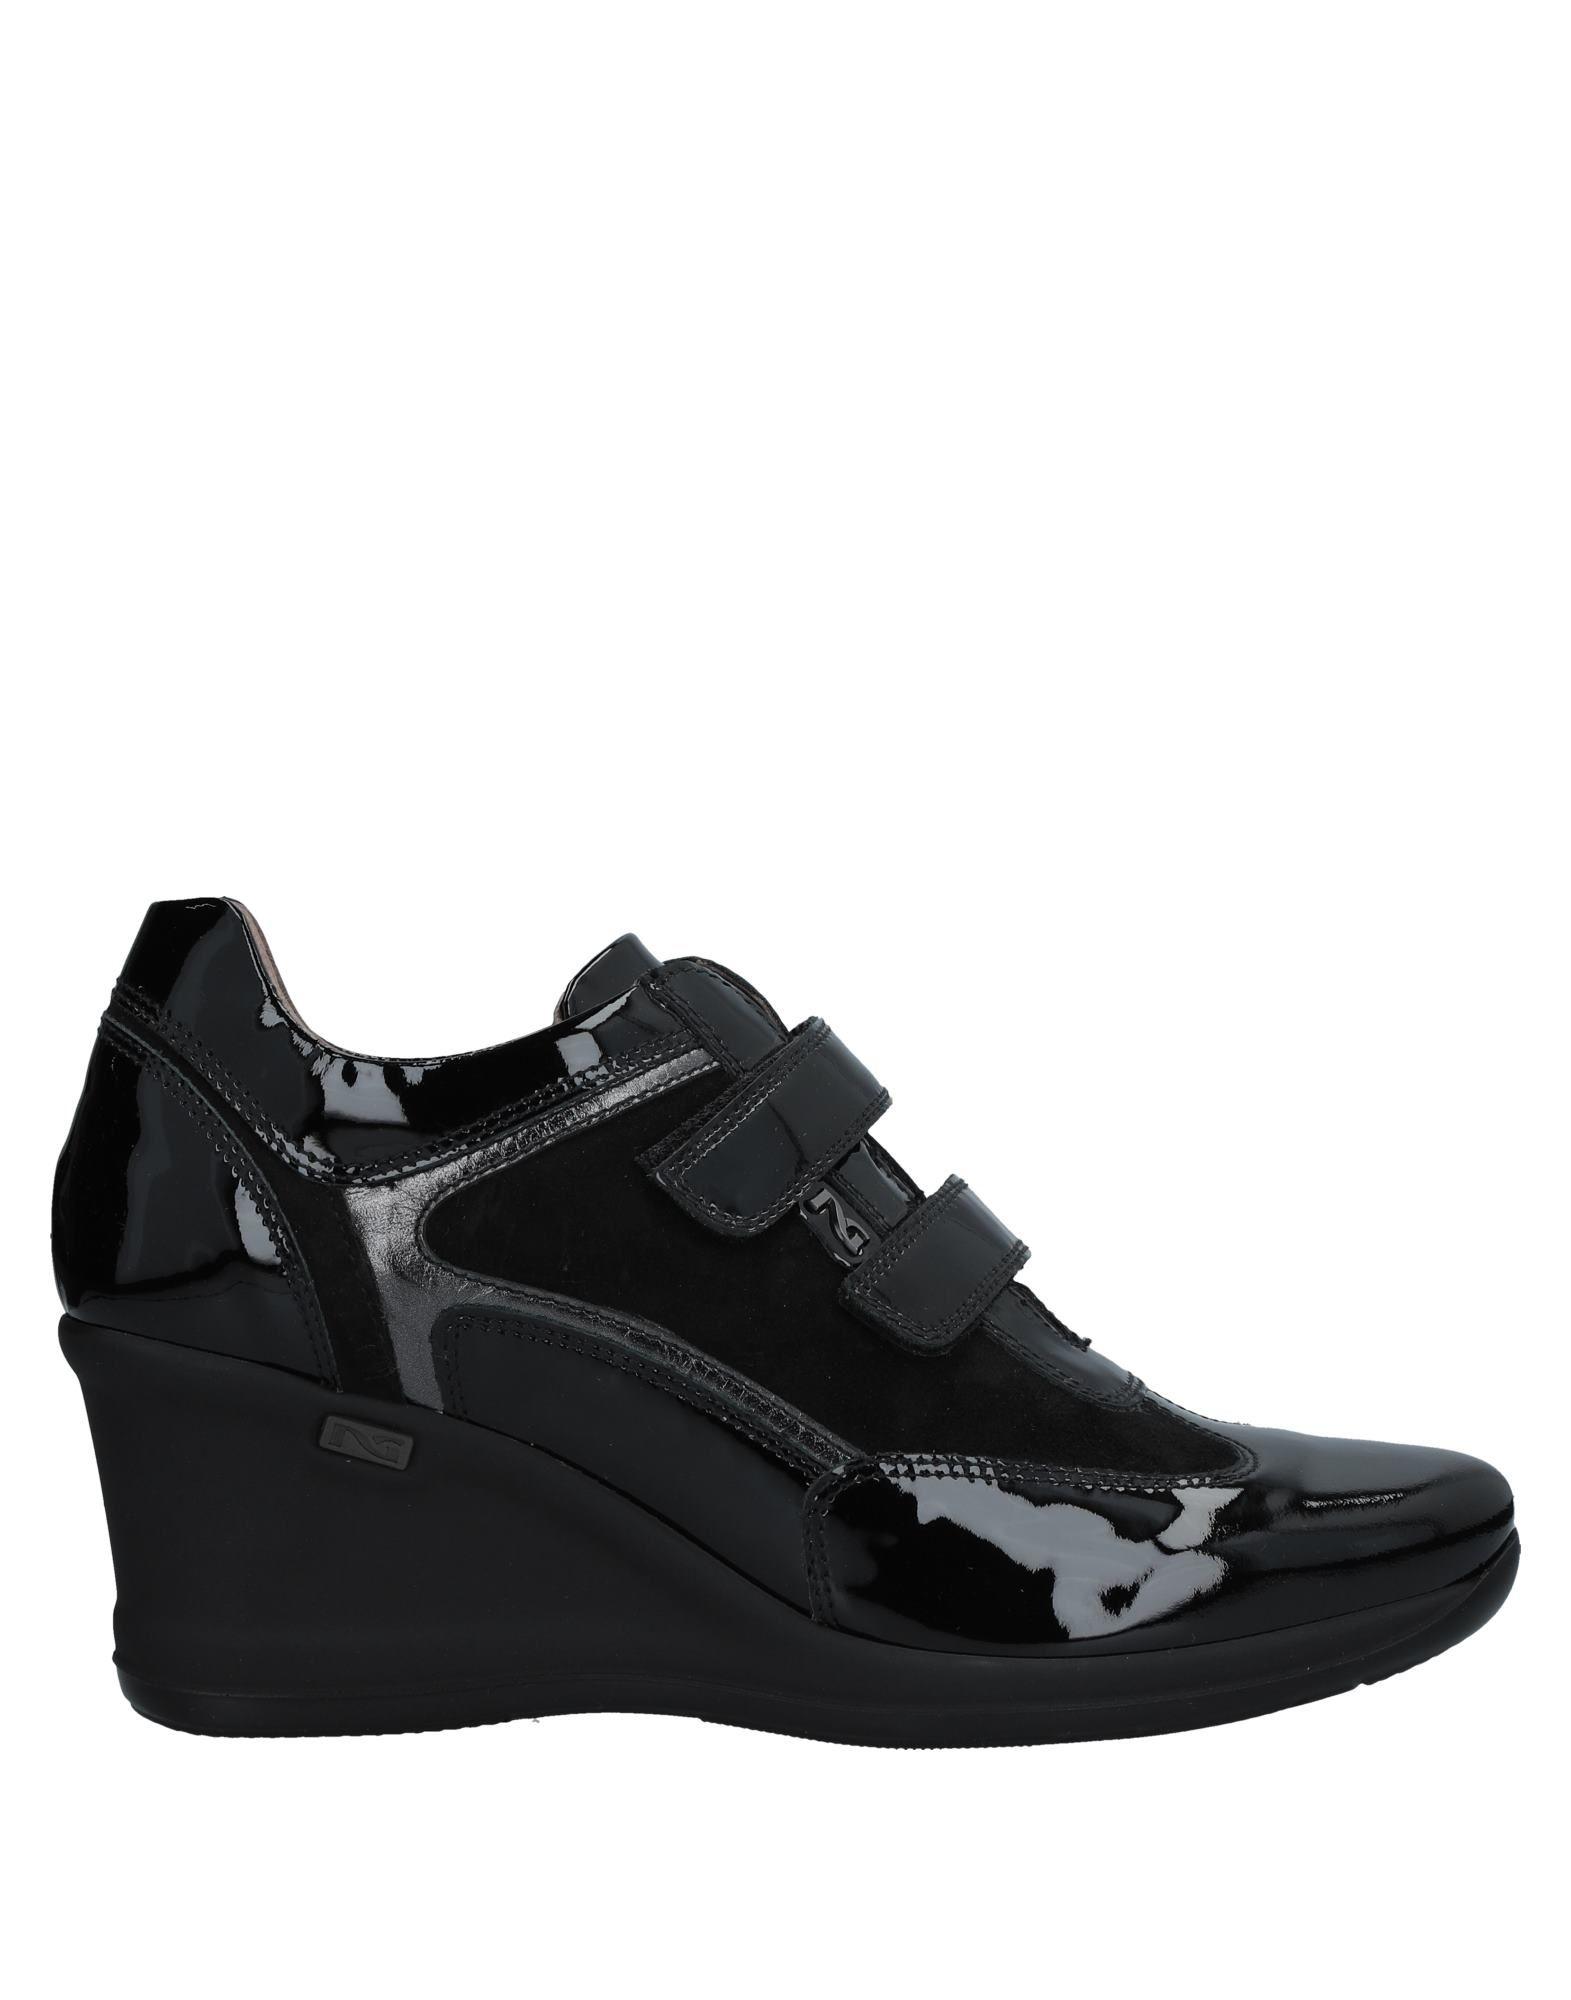 Sneakers Nero Giardini Donna - 11529462PM